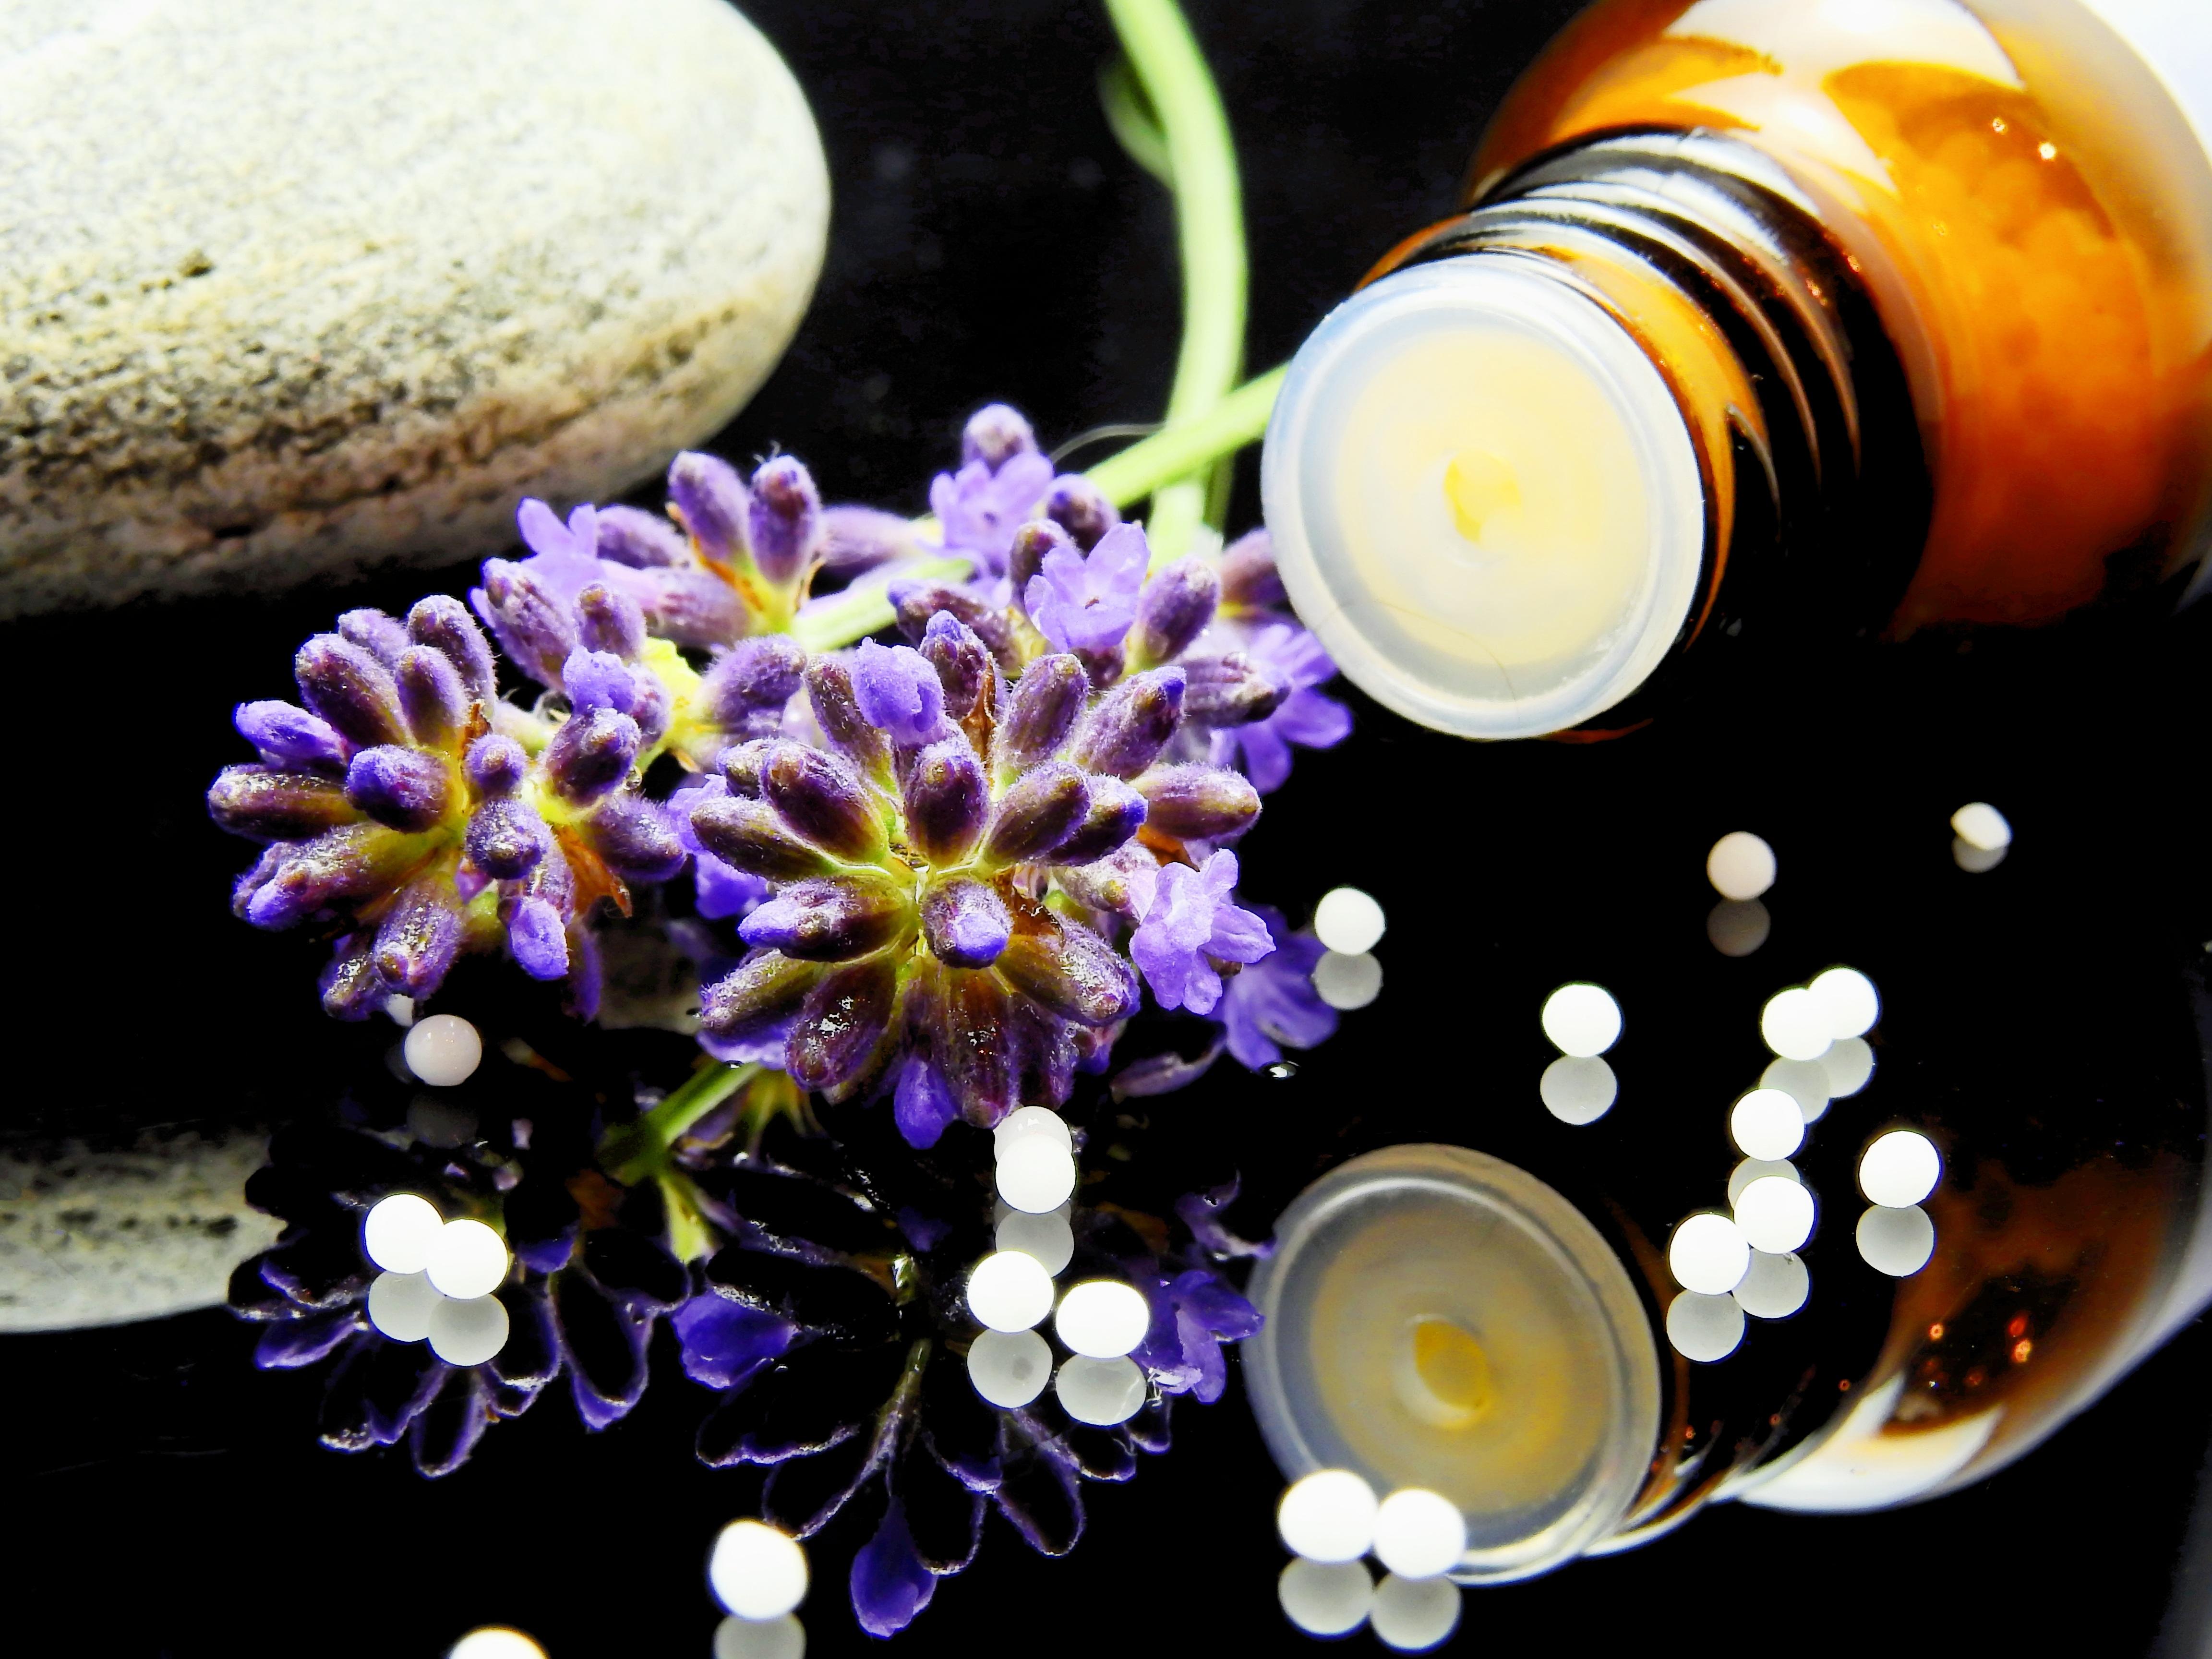 Produse cosmetice naturale: 4 motive ca sa le alegi!